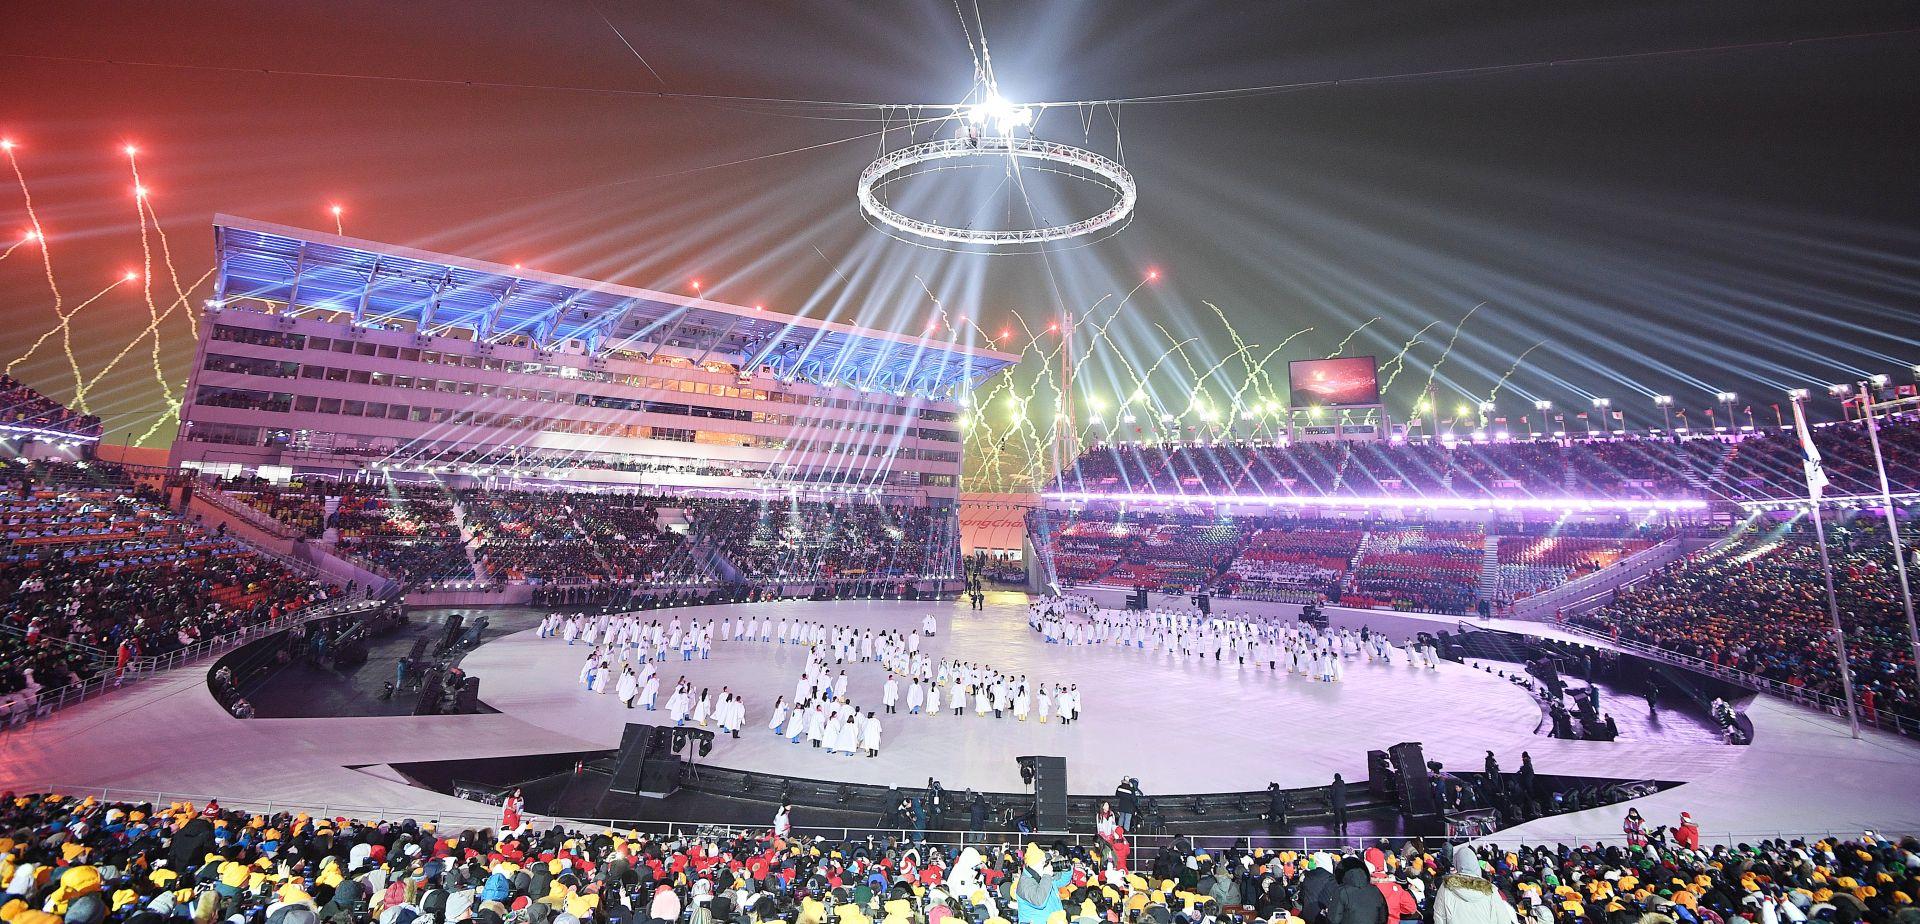 FOTO: Otvorene zimske olimpijske igre u Pjongčangu